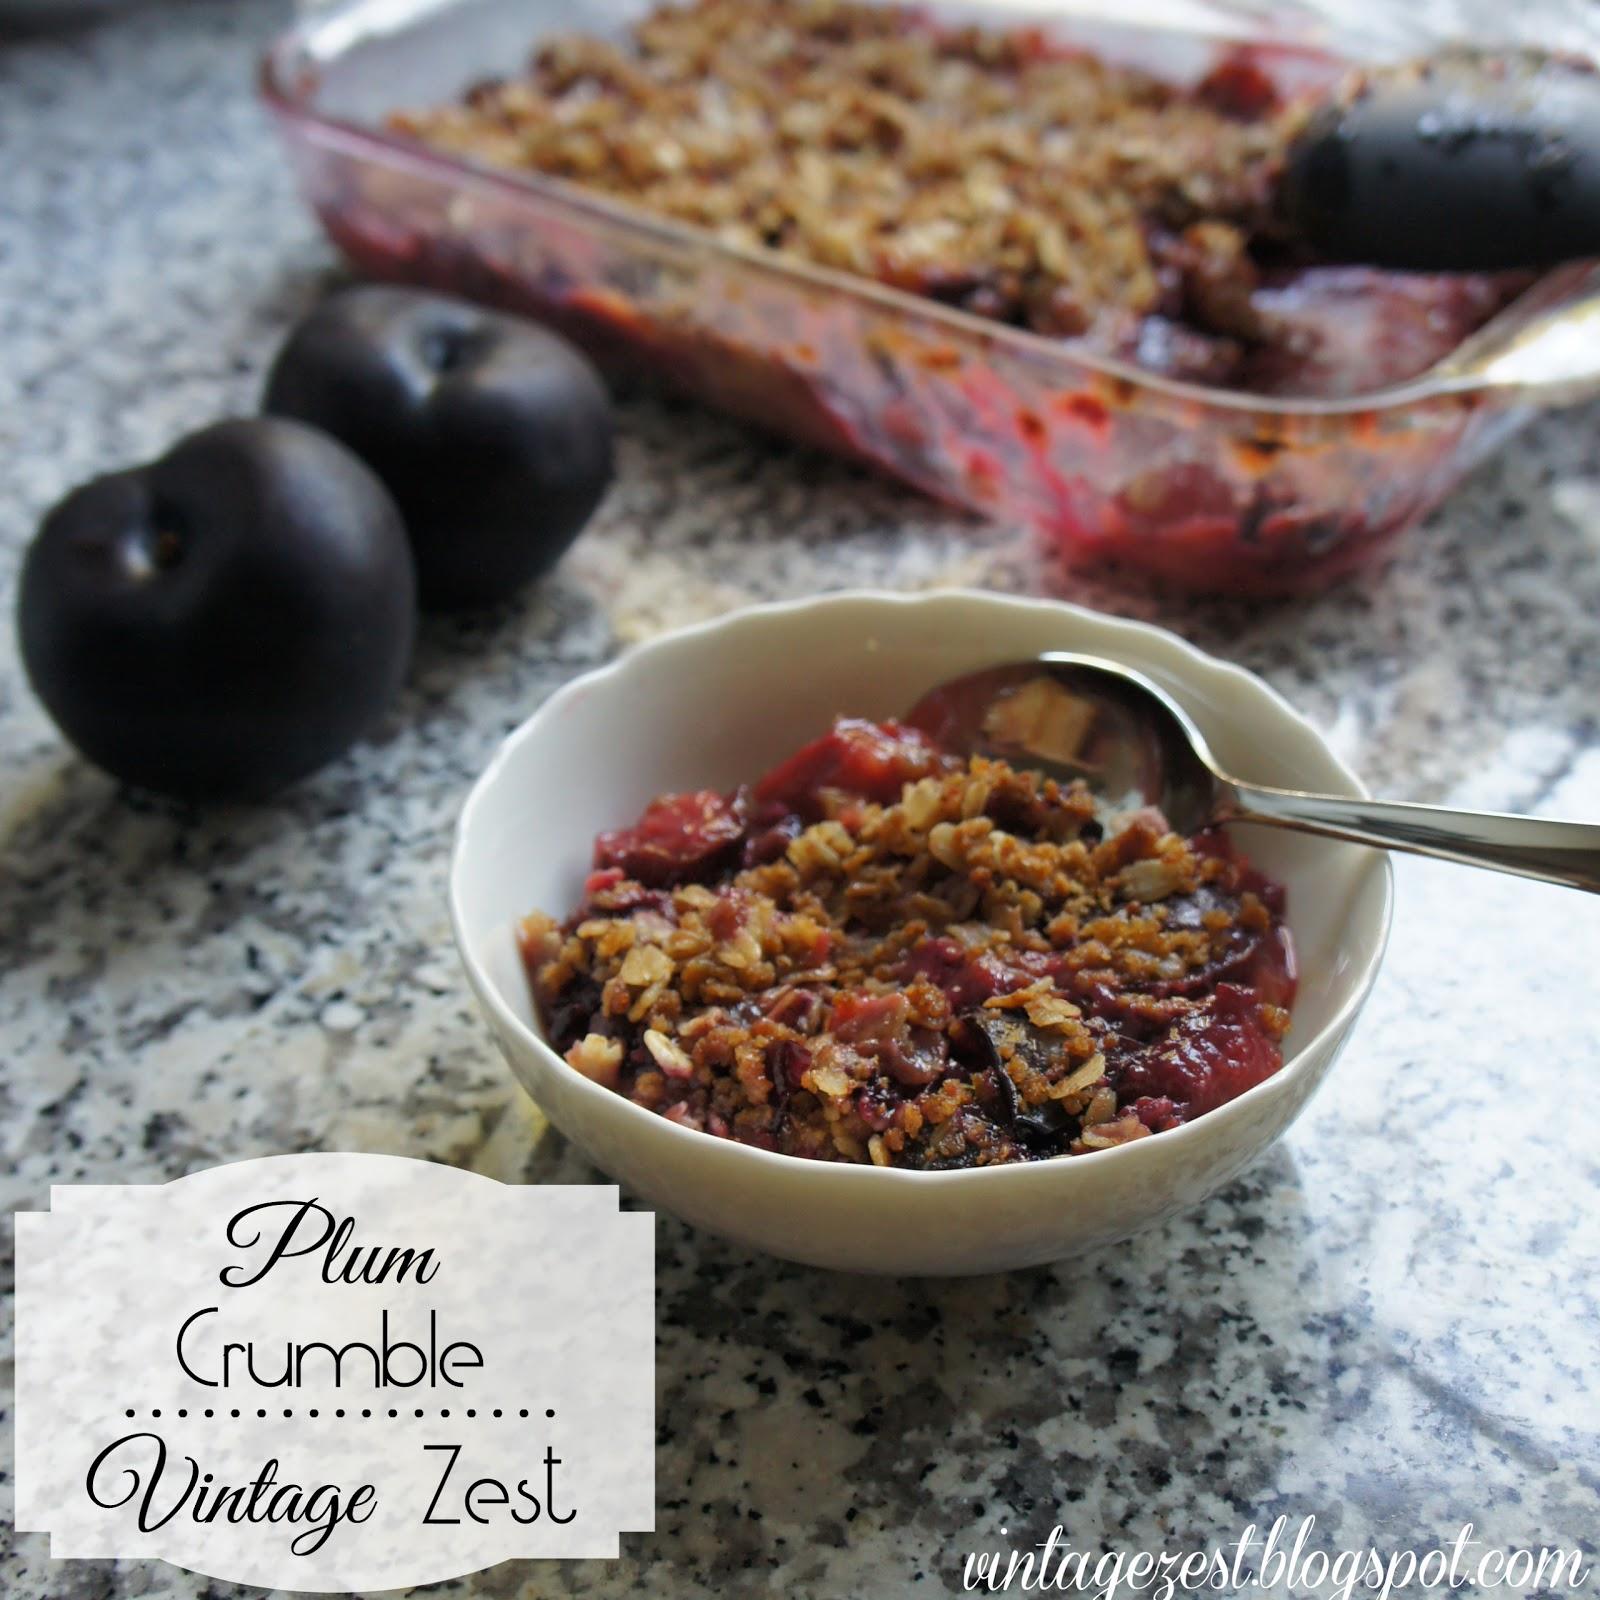 20 Recipes for July 4th! on Diane's Vintage Zest! #appetizer #entree #dessert